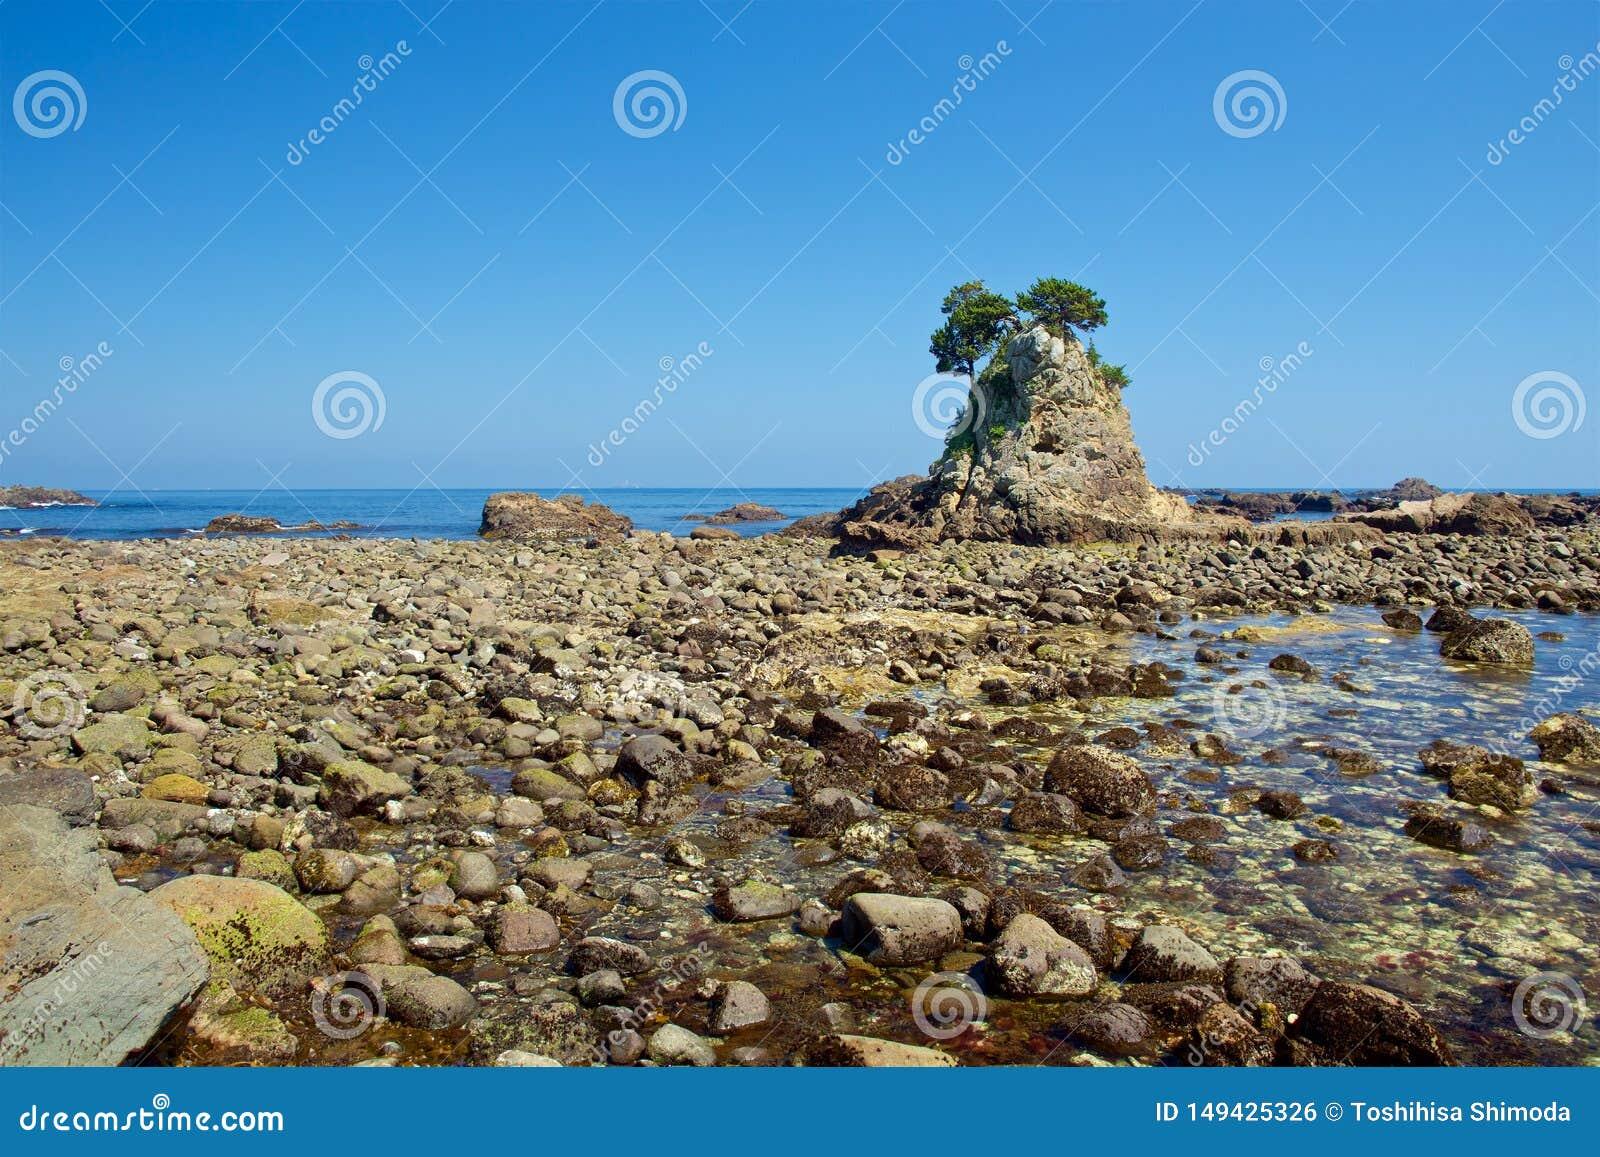 Landscape of the high tides of the minokake-rocks at izu.